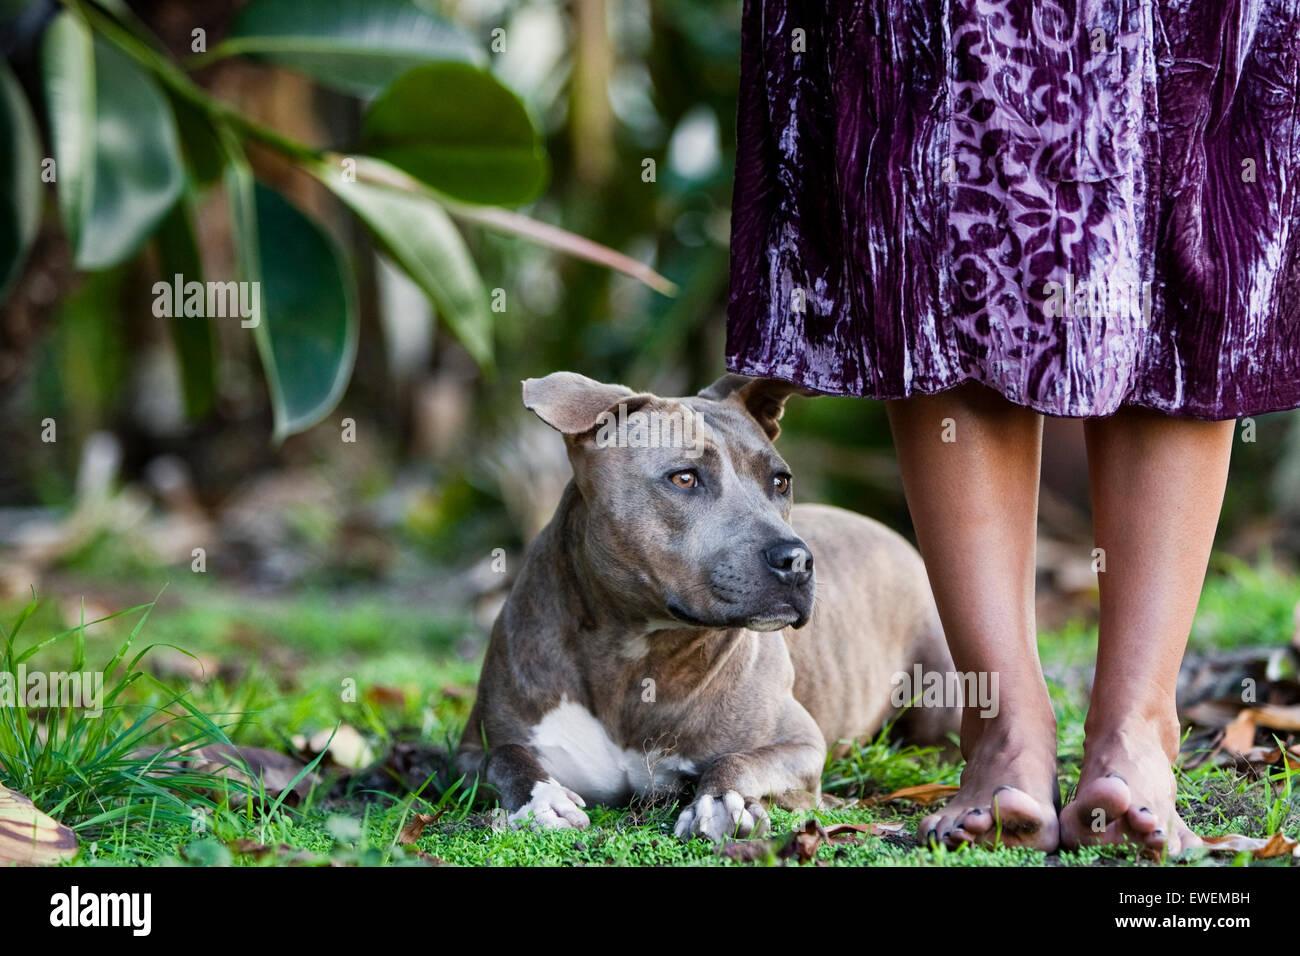 Atigrado marrón Pitbull tendido en la hierba en los pies descalzos de mujer vestidos de púrpura Foto de stock